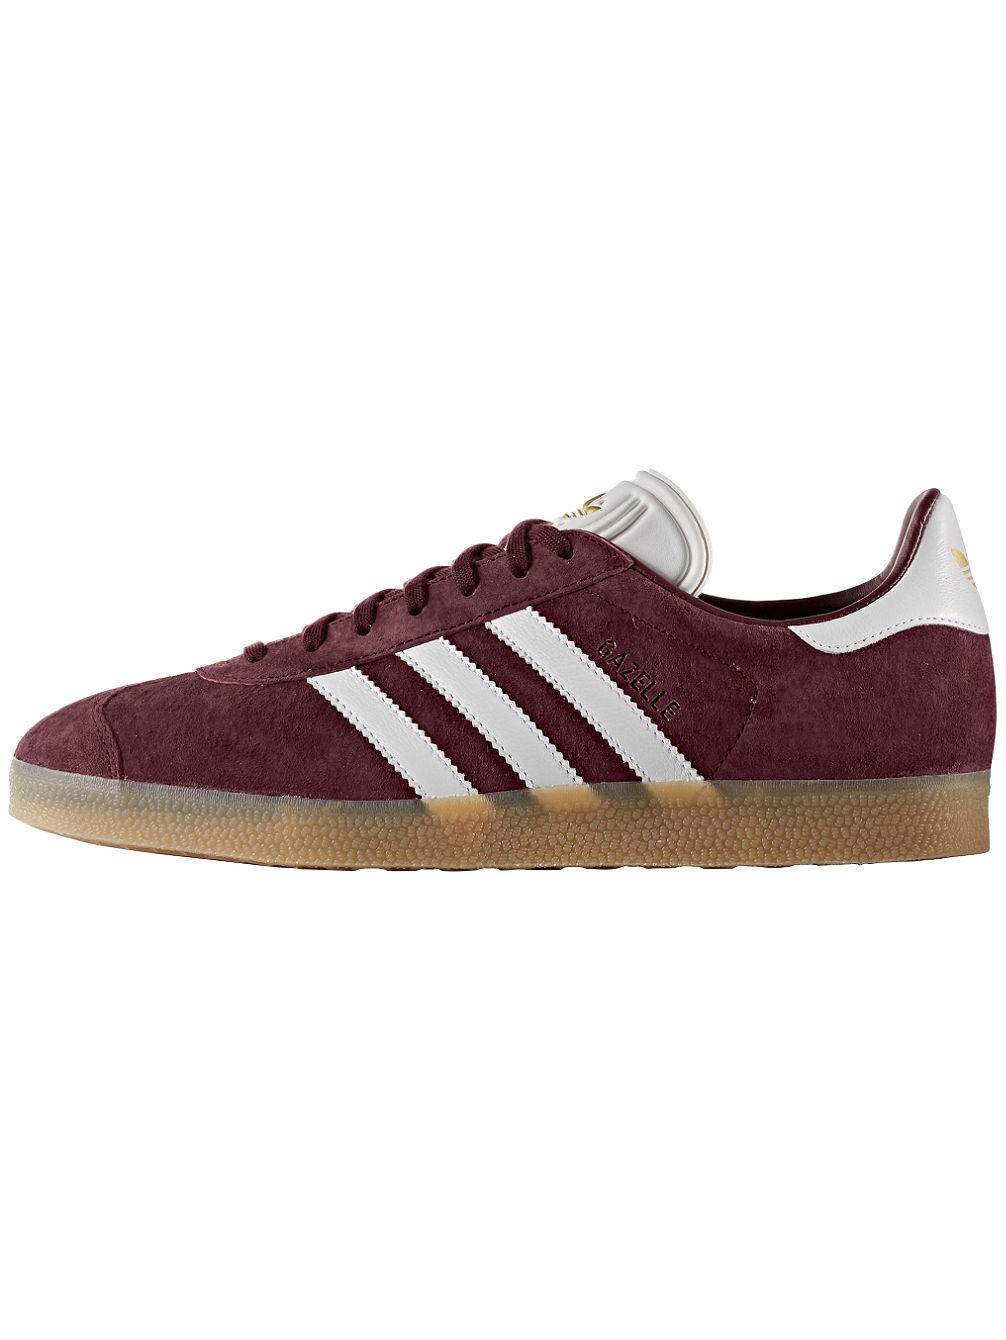 61e5f3728 Adidas Y-3 Qasa High Purple Thrower Shoes